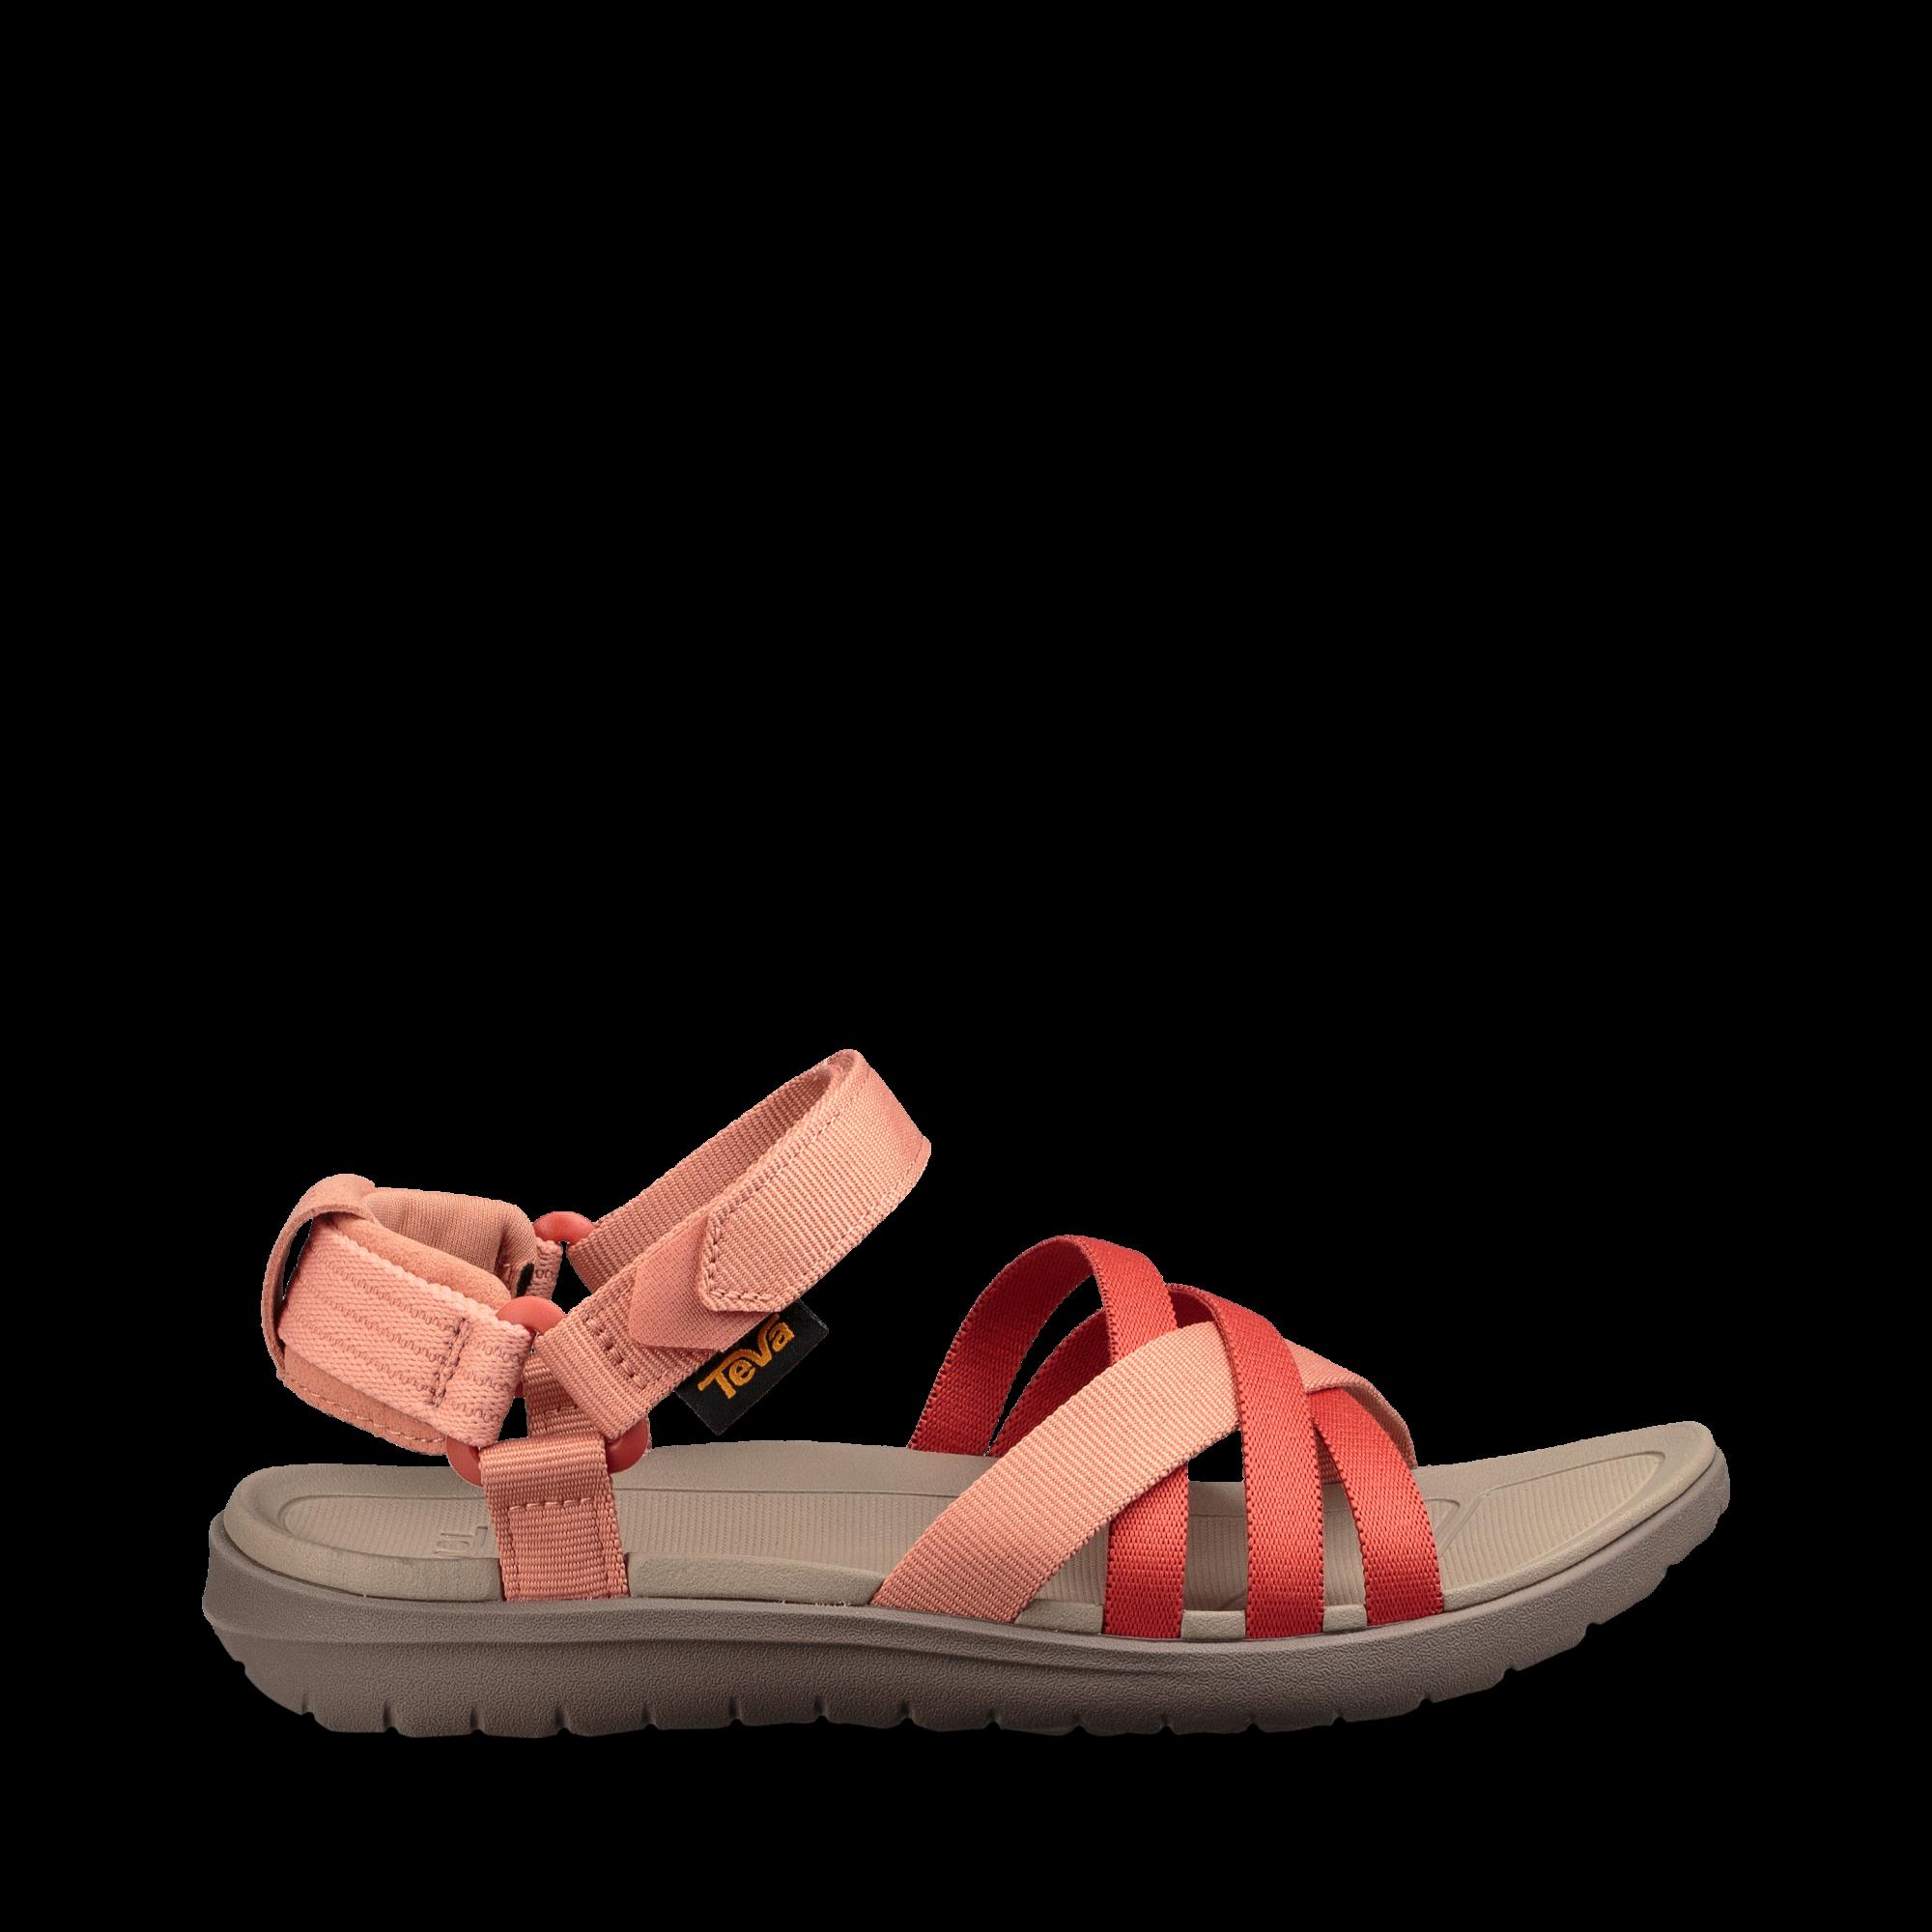 f3312b8e7121 TEVA Sanborn Sandal 1015161 CSND EUR 38